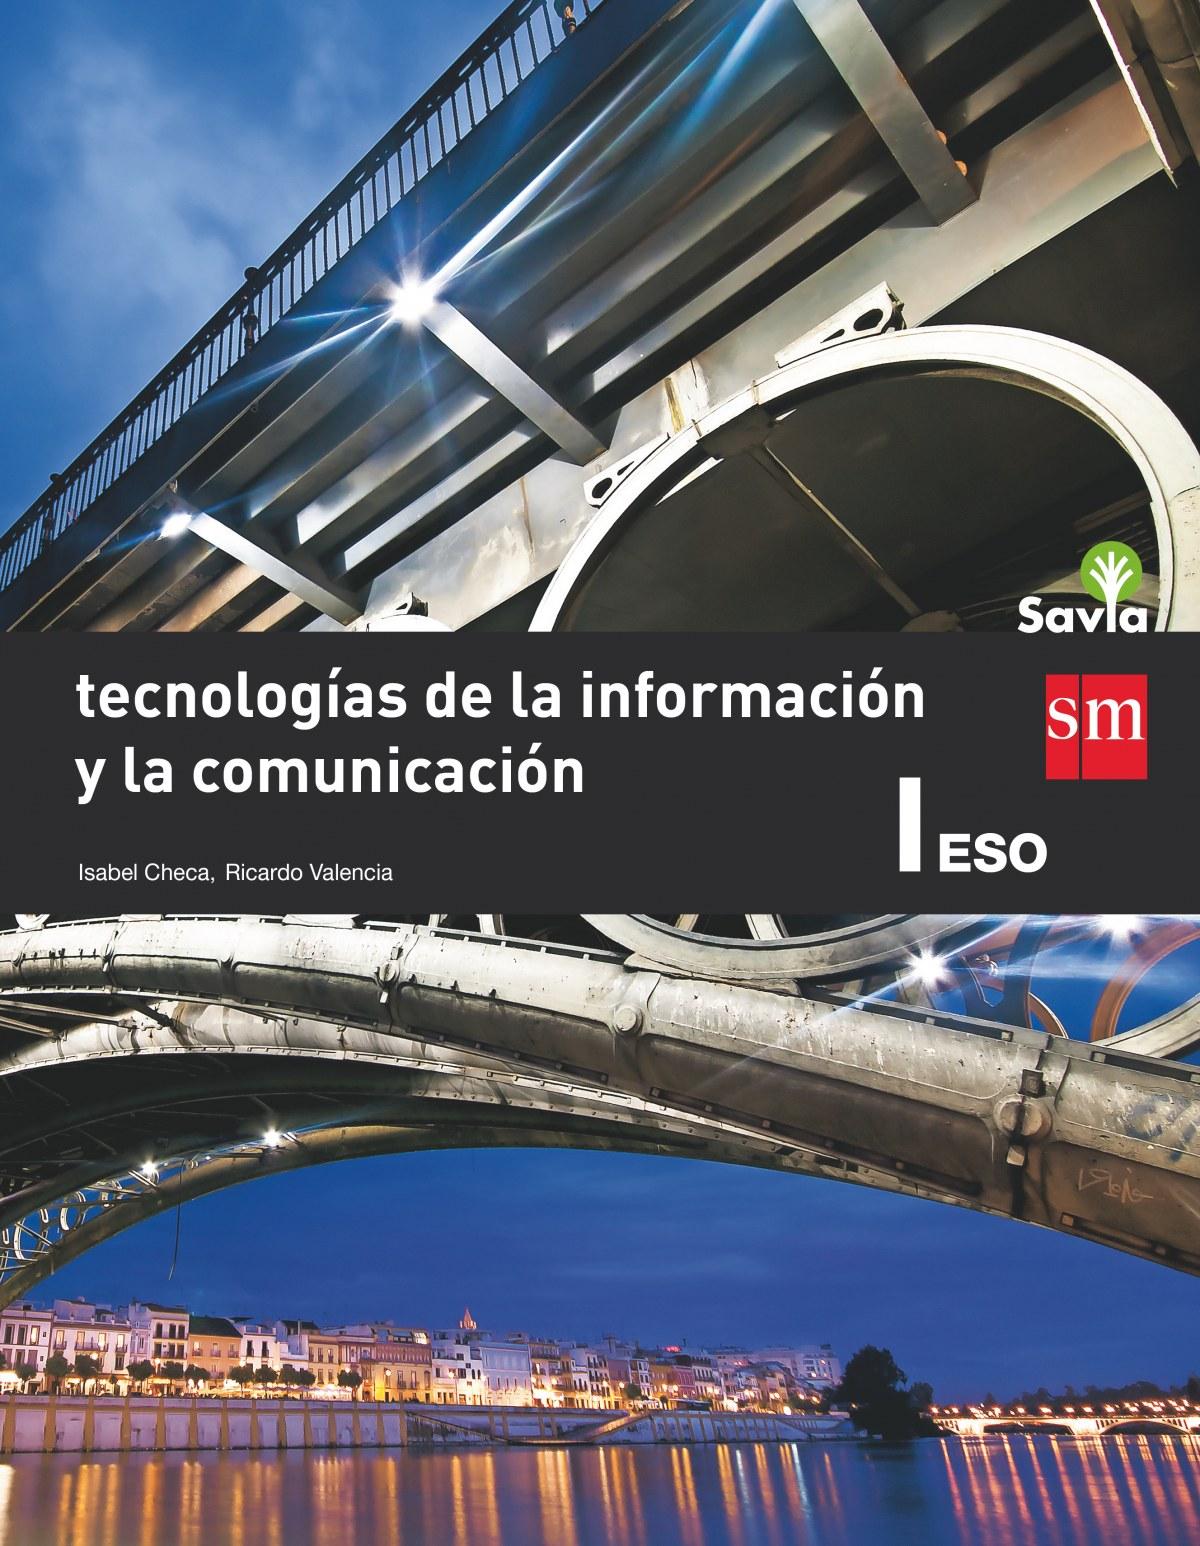 Tecnologías de la información y la comunicación I. Savia. Murcia